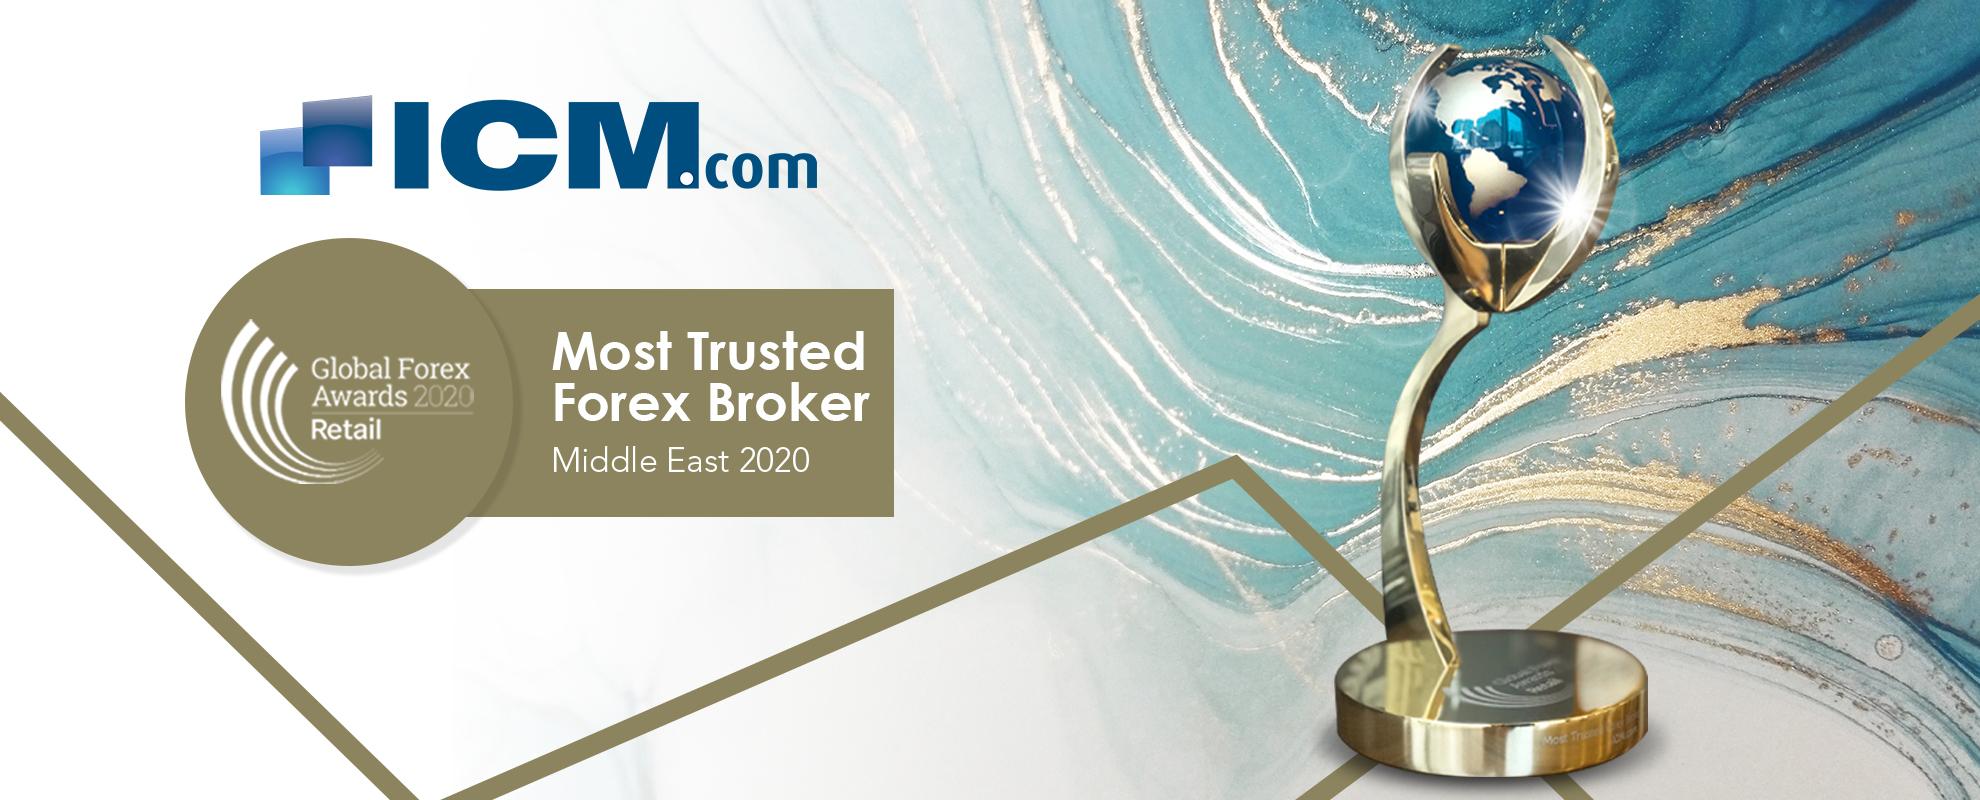 ICM.com Menerima Penghargaan